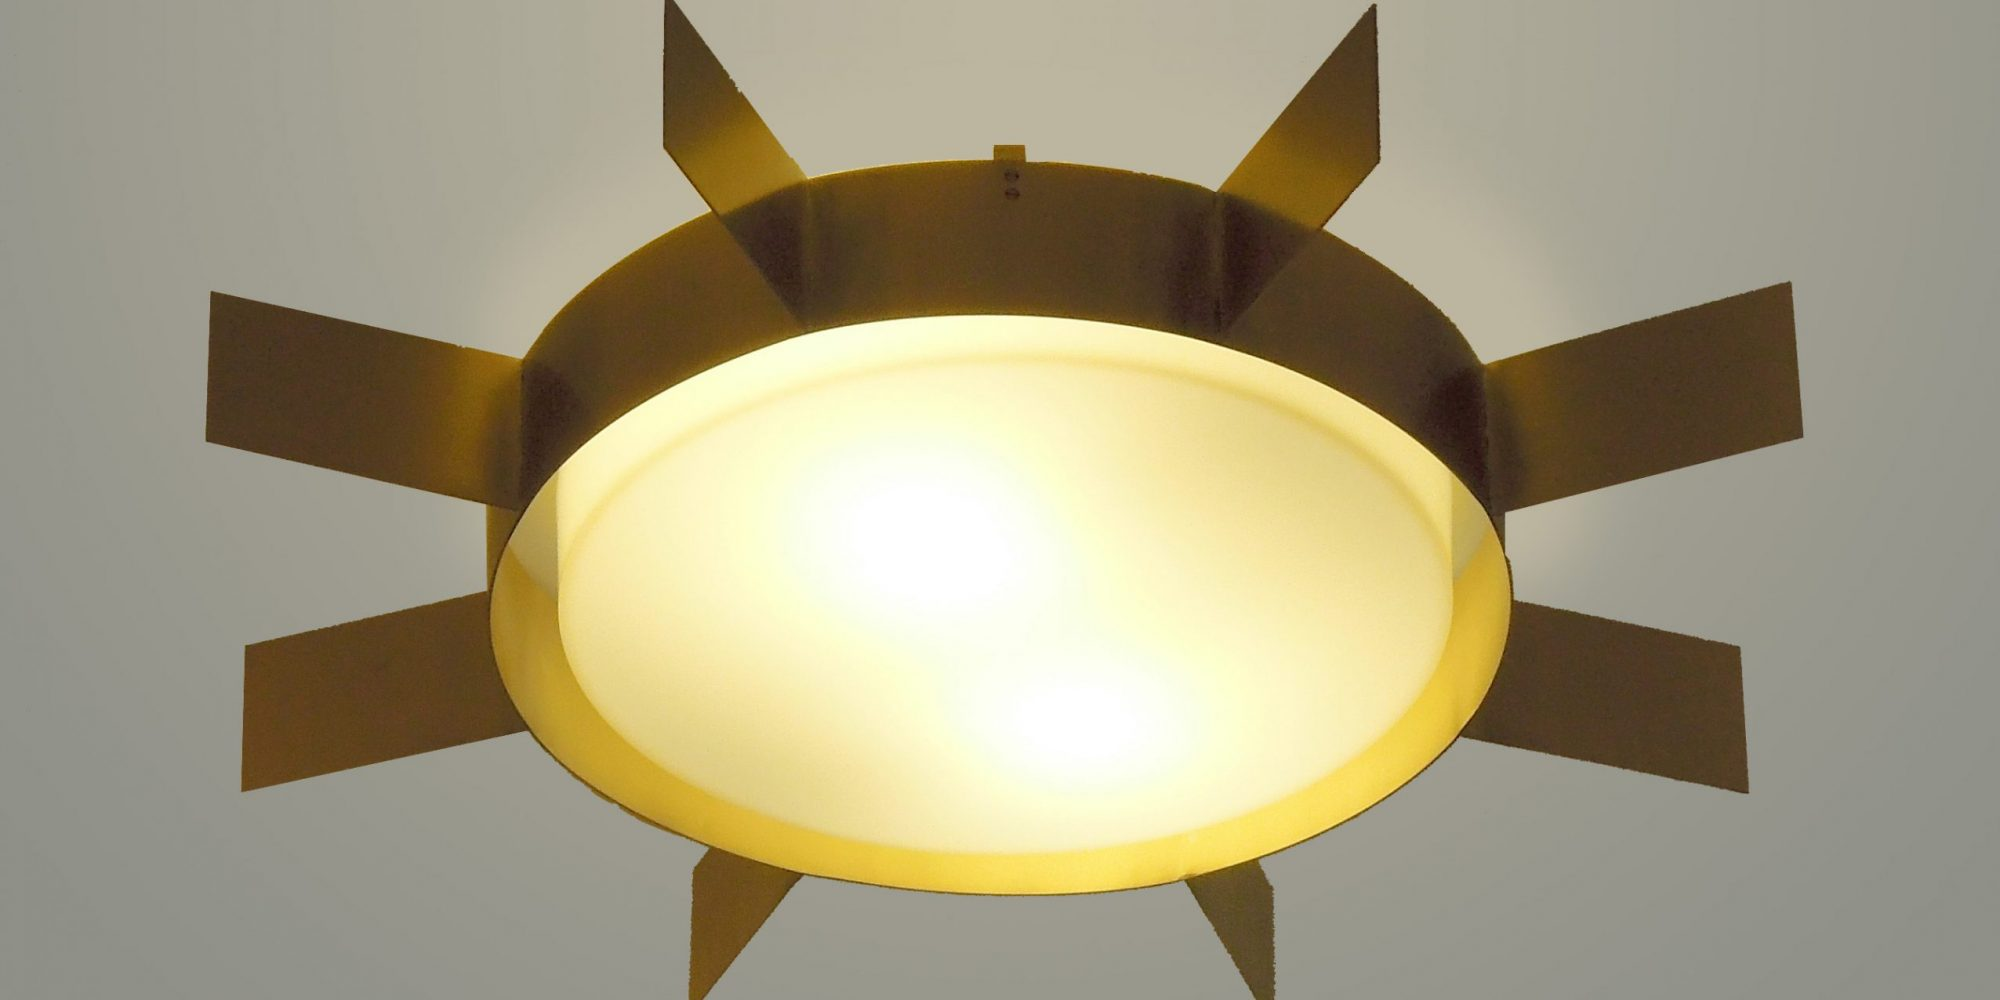 Gio Ponti Quadro di Luce quadrato ottone lucido Limited Edition 2012-2017